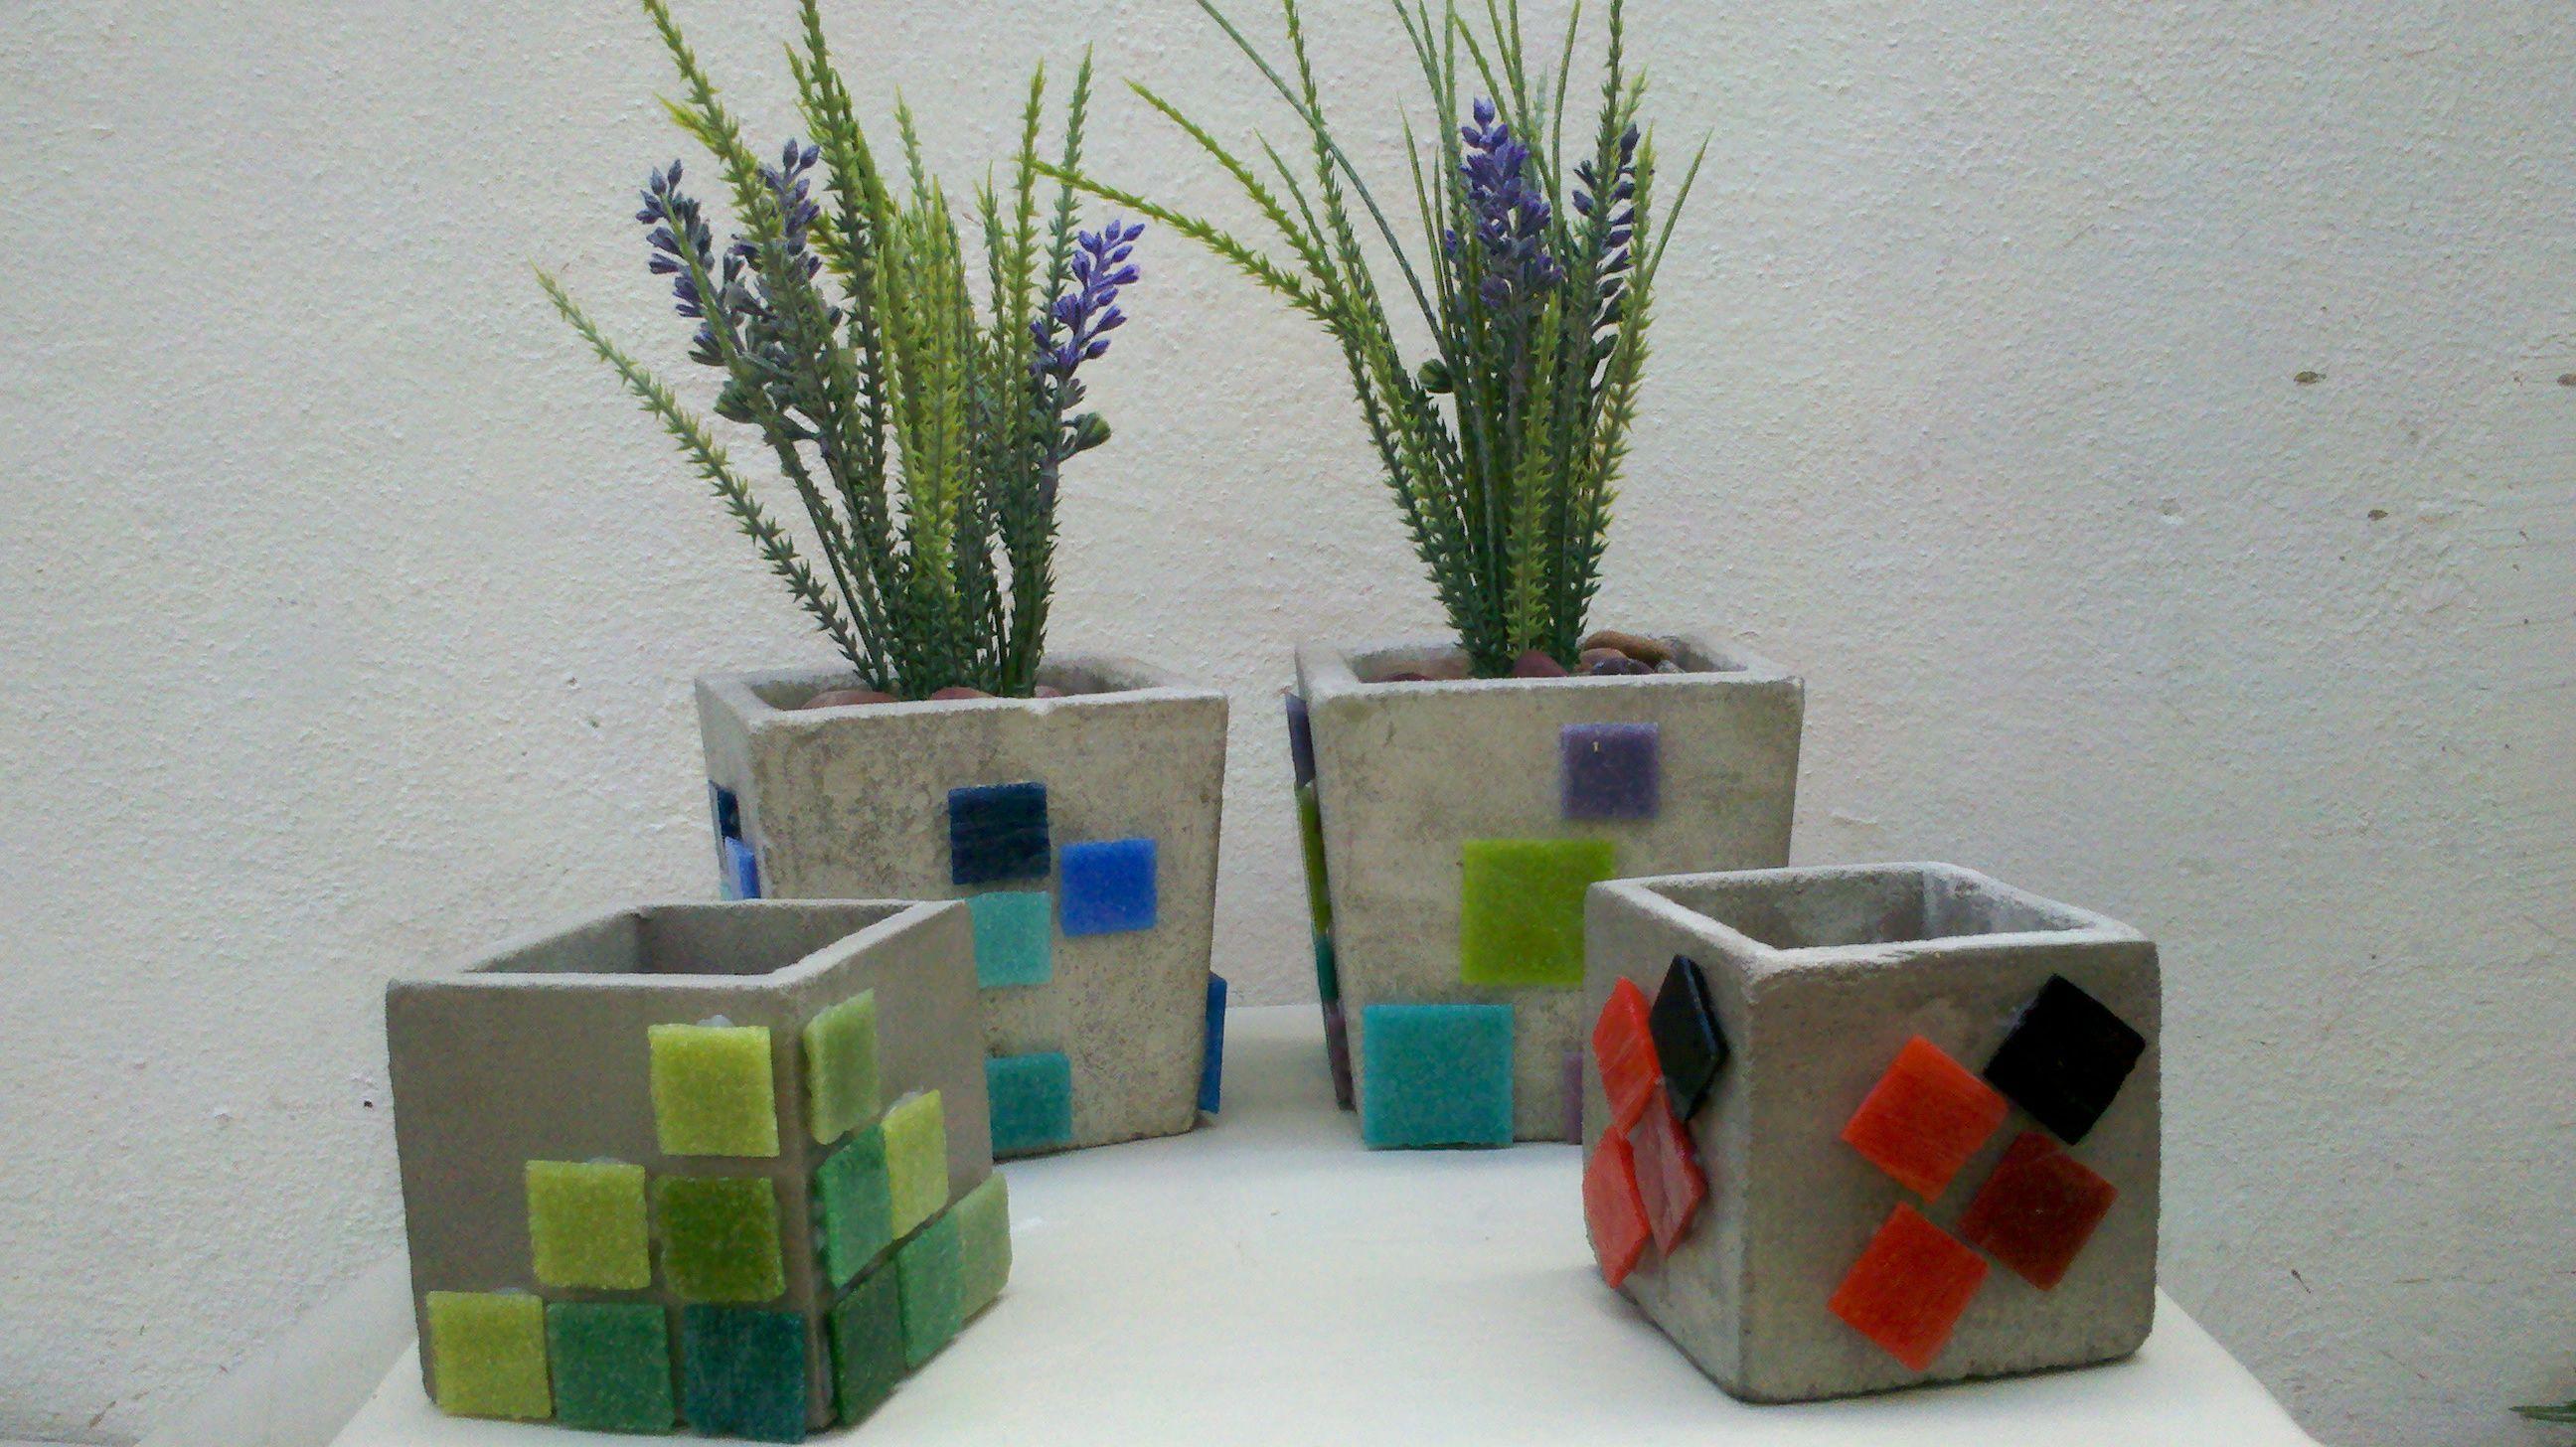 Macetas de cemento decoradas con teselas mis mosaicos y vitromosaicos pinterest - Macetas de cemento ...